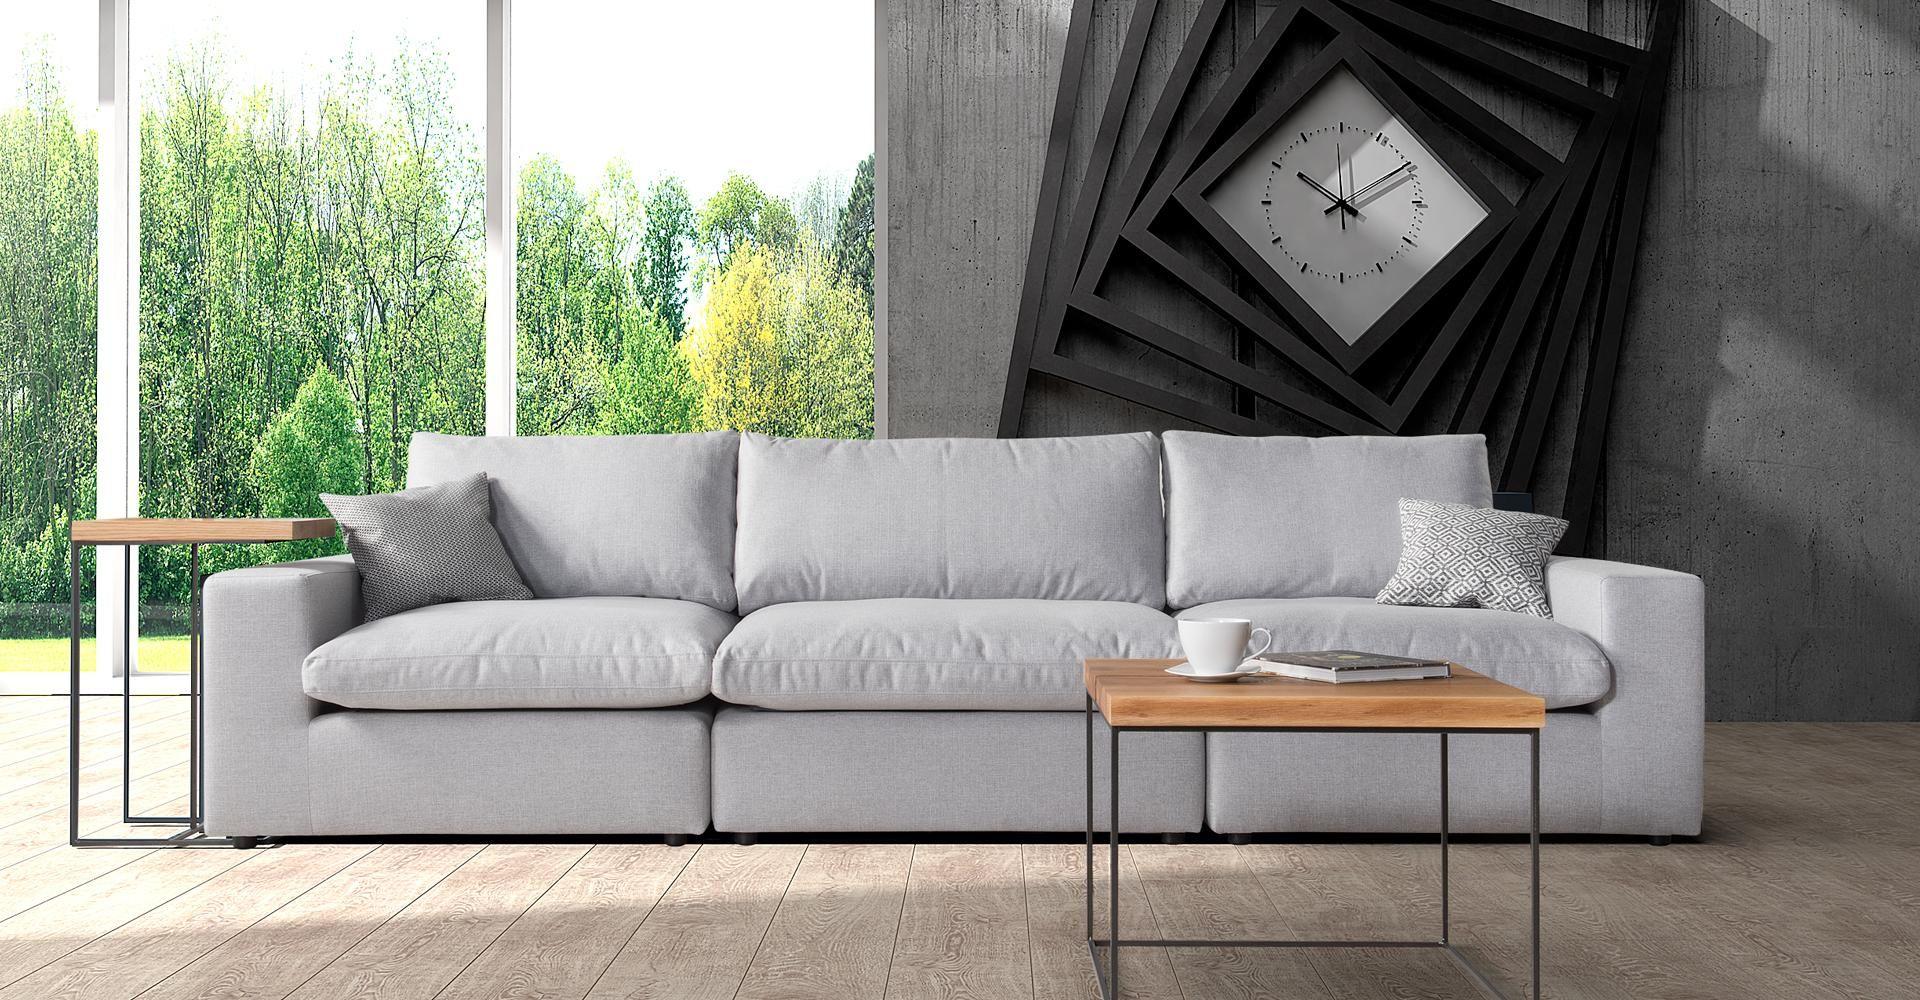 Sofa do salonu z kolekcji Joko dostępna w ofercie firmy Caya Design. Fot. Caya Design